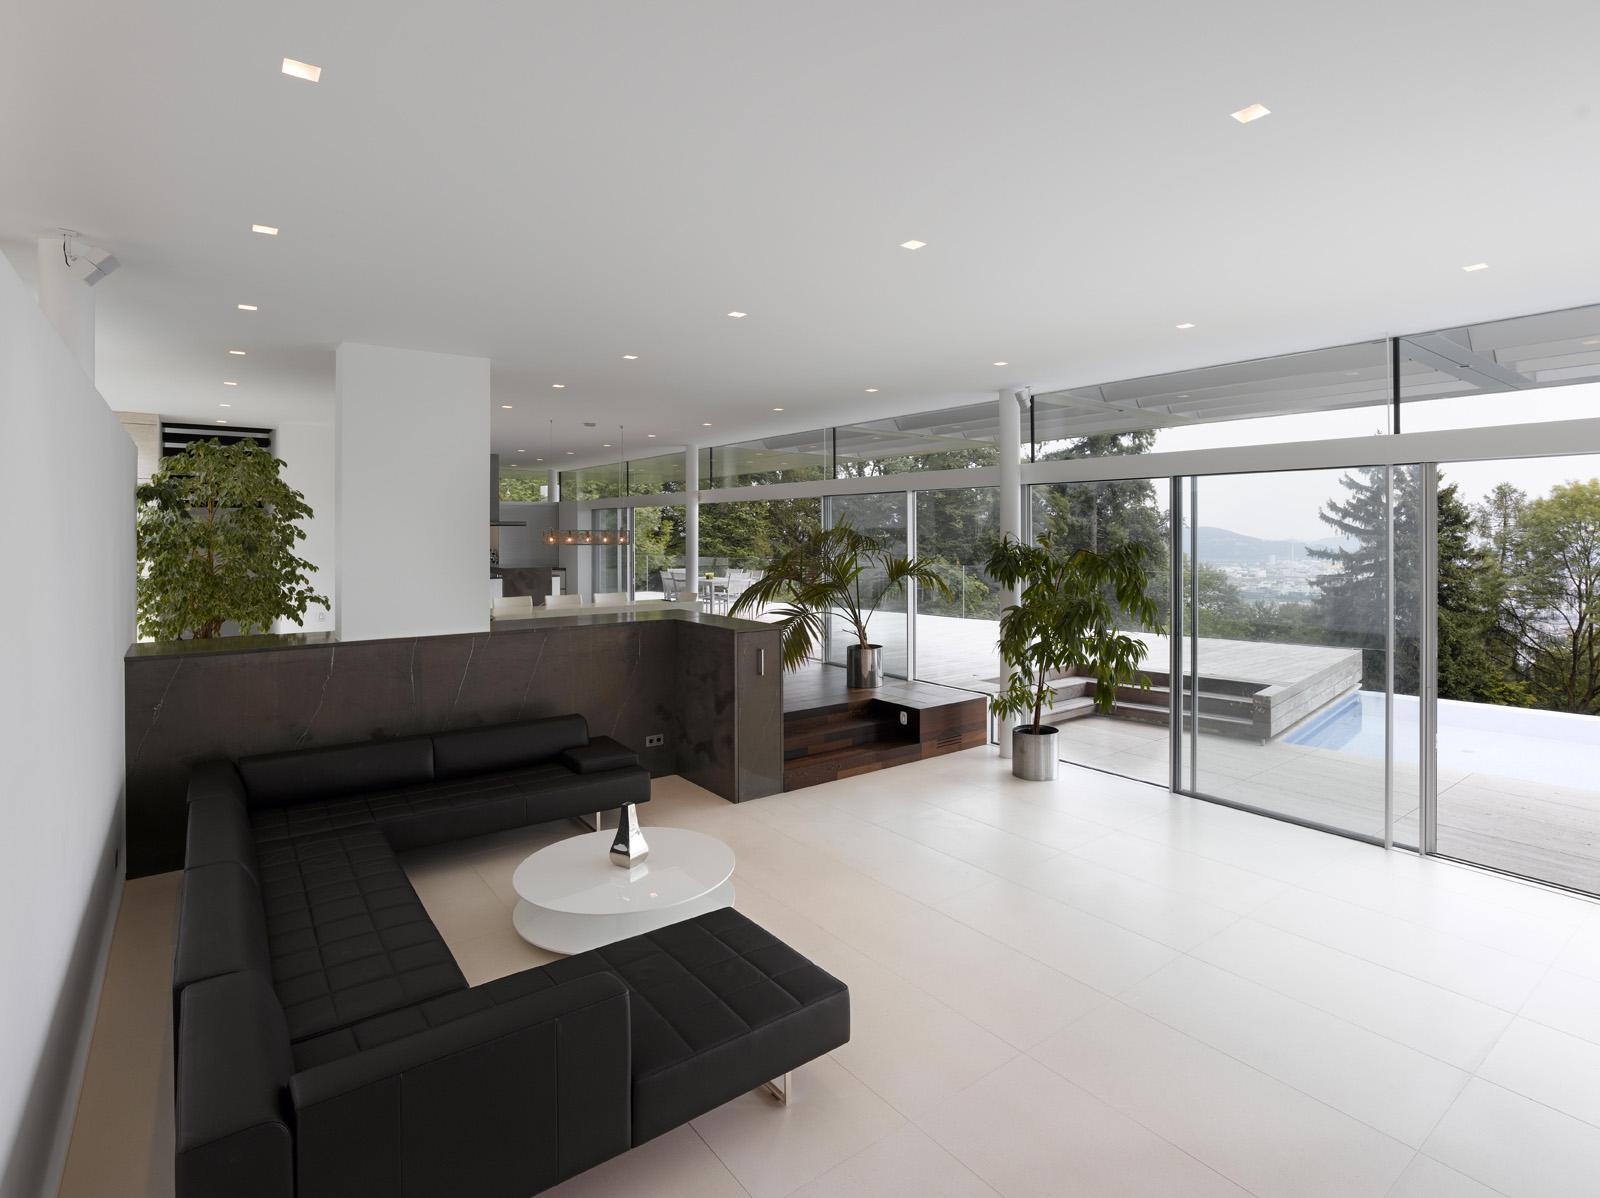 Мебель в интерьере минимализма